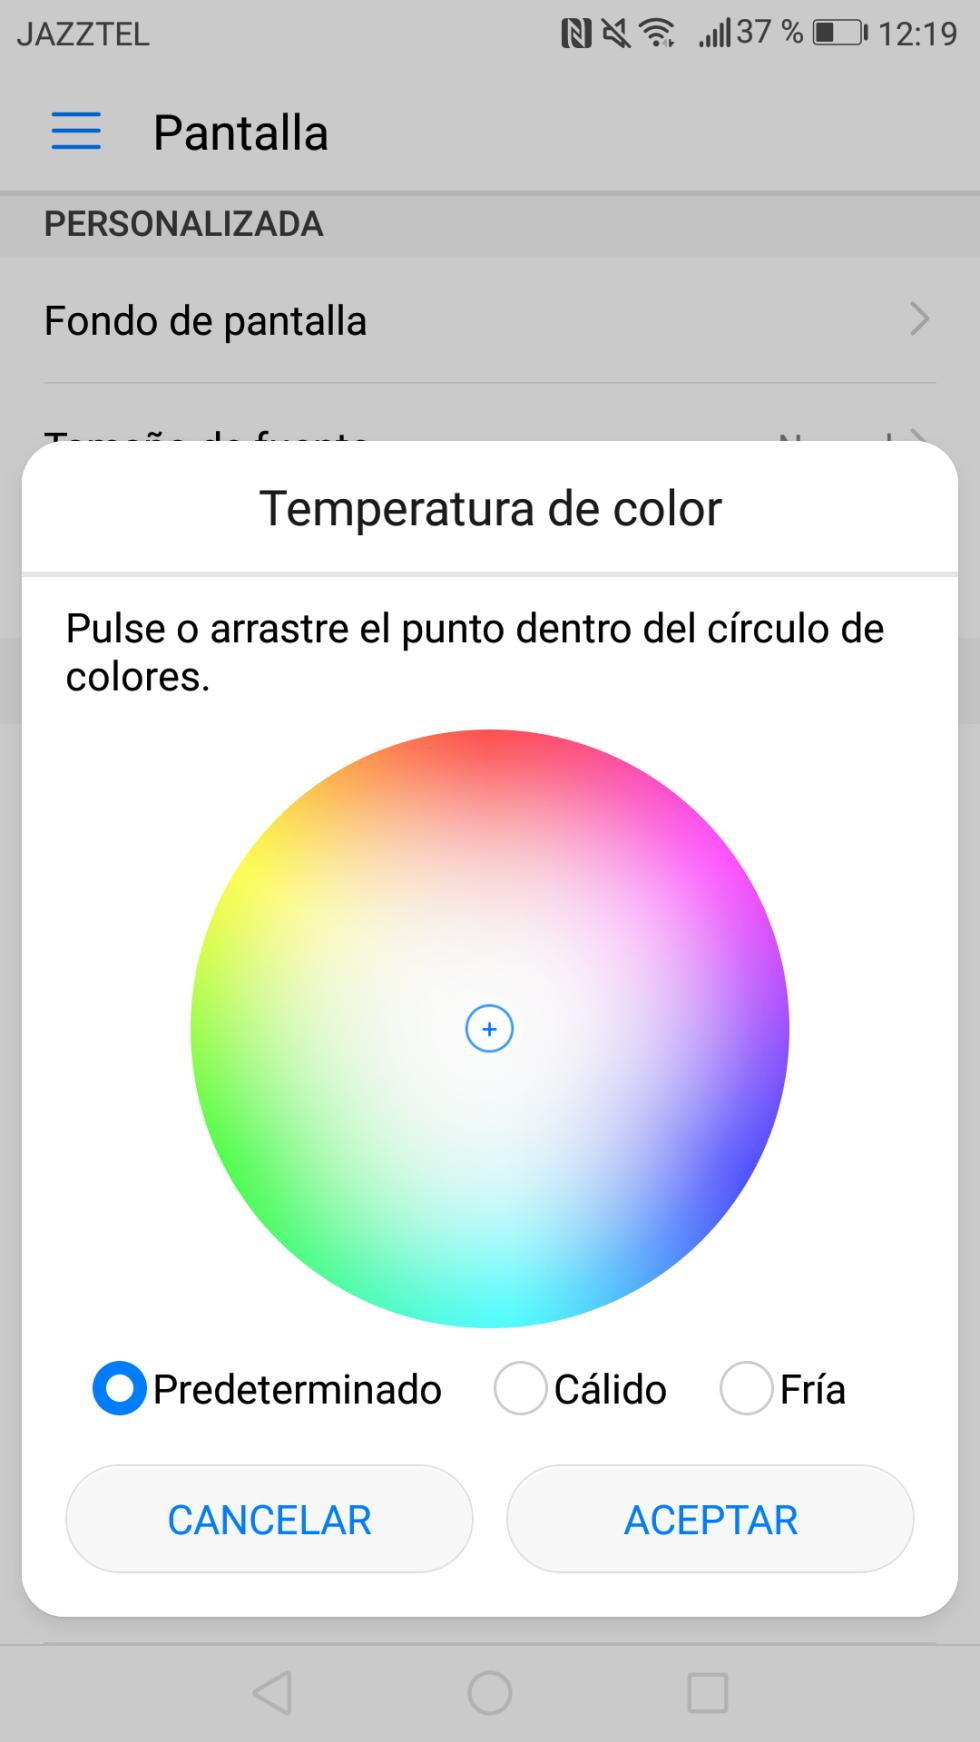 La pantalla, por su parte, se puede personalizar en lo que a sus tonalidades se refiere con la opción de Temperatura de color